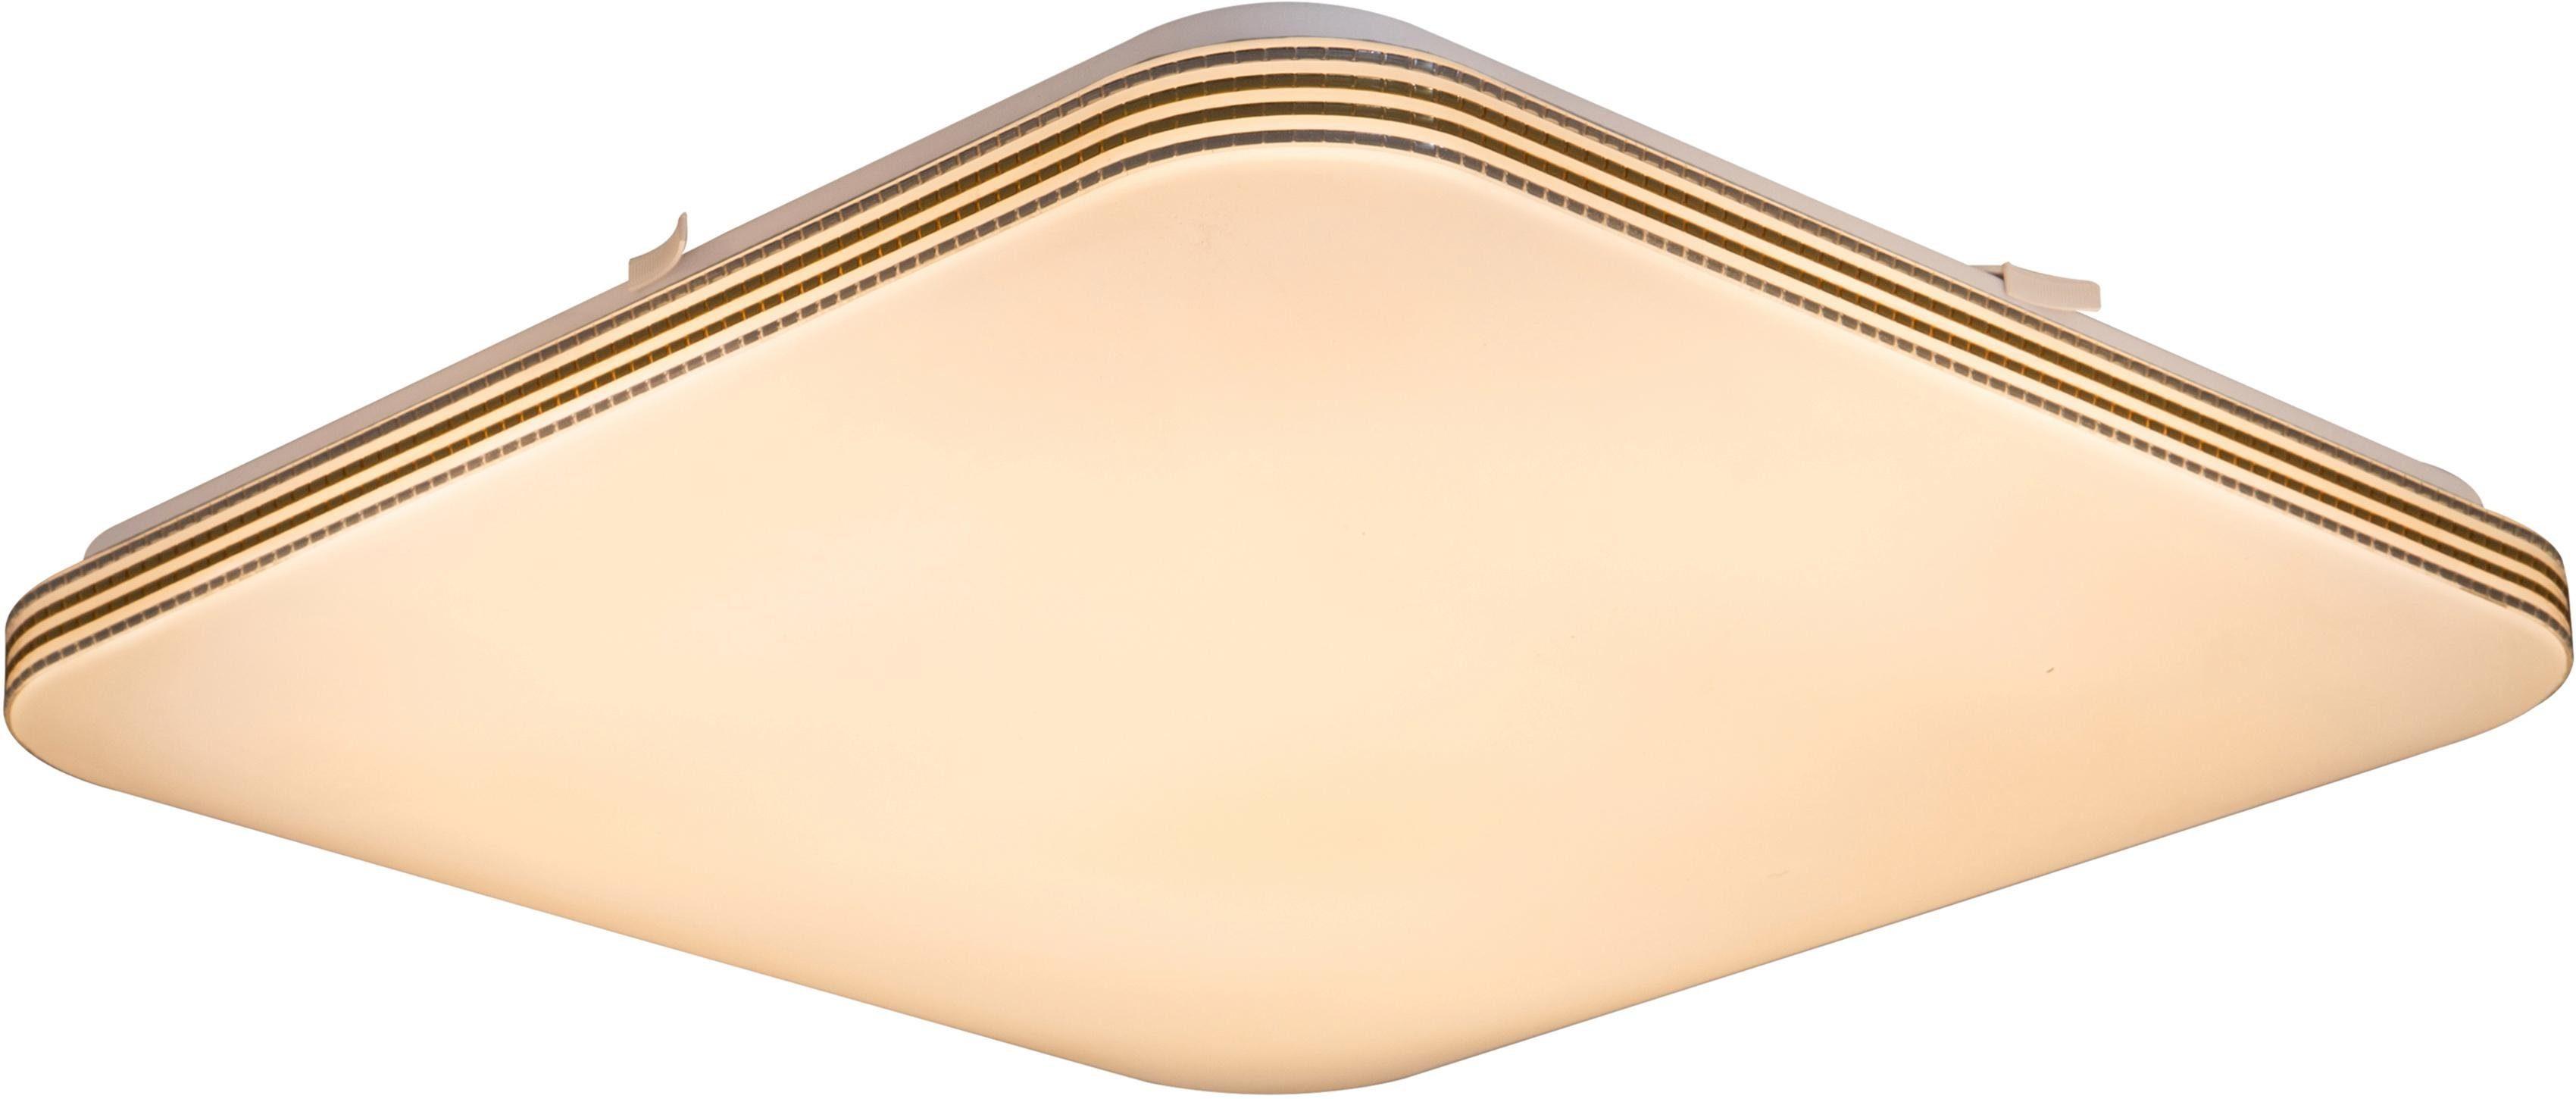 Nino Leuchten LED Deckenleuchte »TAMA«, 1-flammig